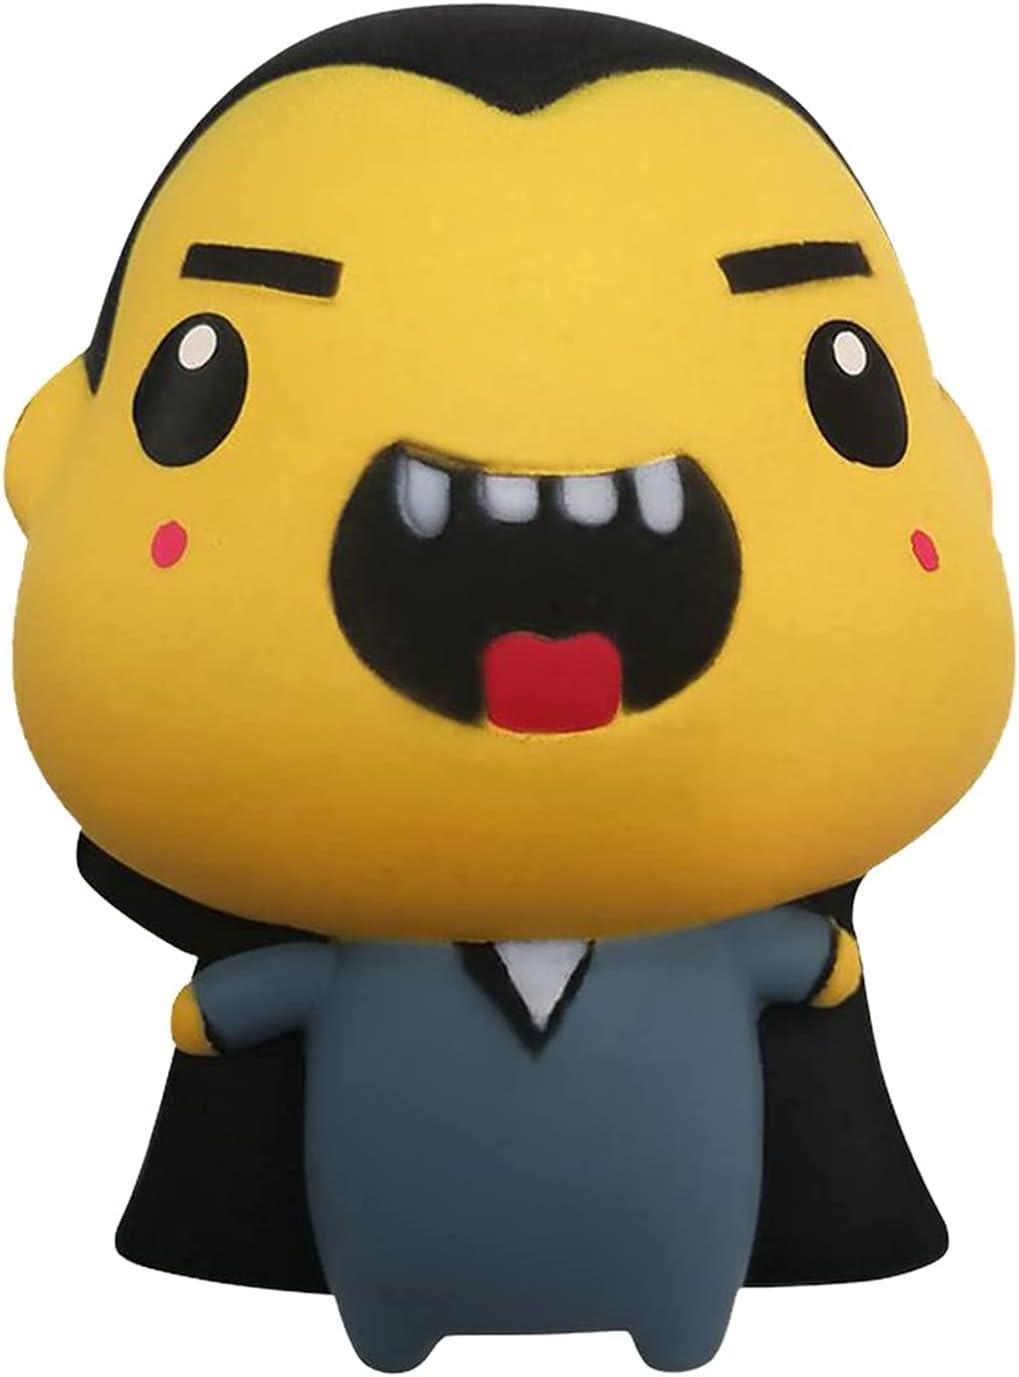 wasd Halloween Pumpkin Popularity Anti-Stress Max 76% OFF Decompression Toys Senso